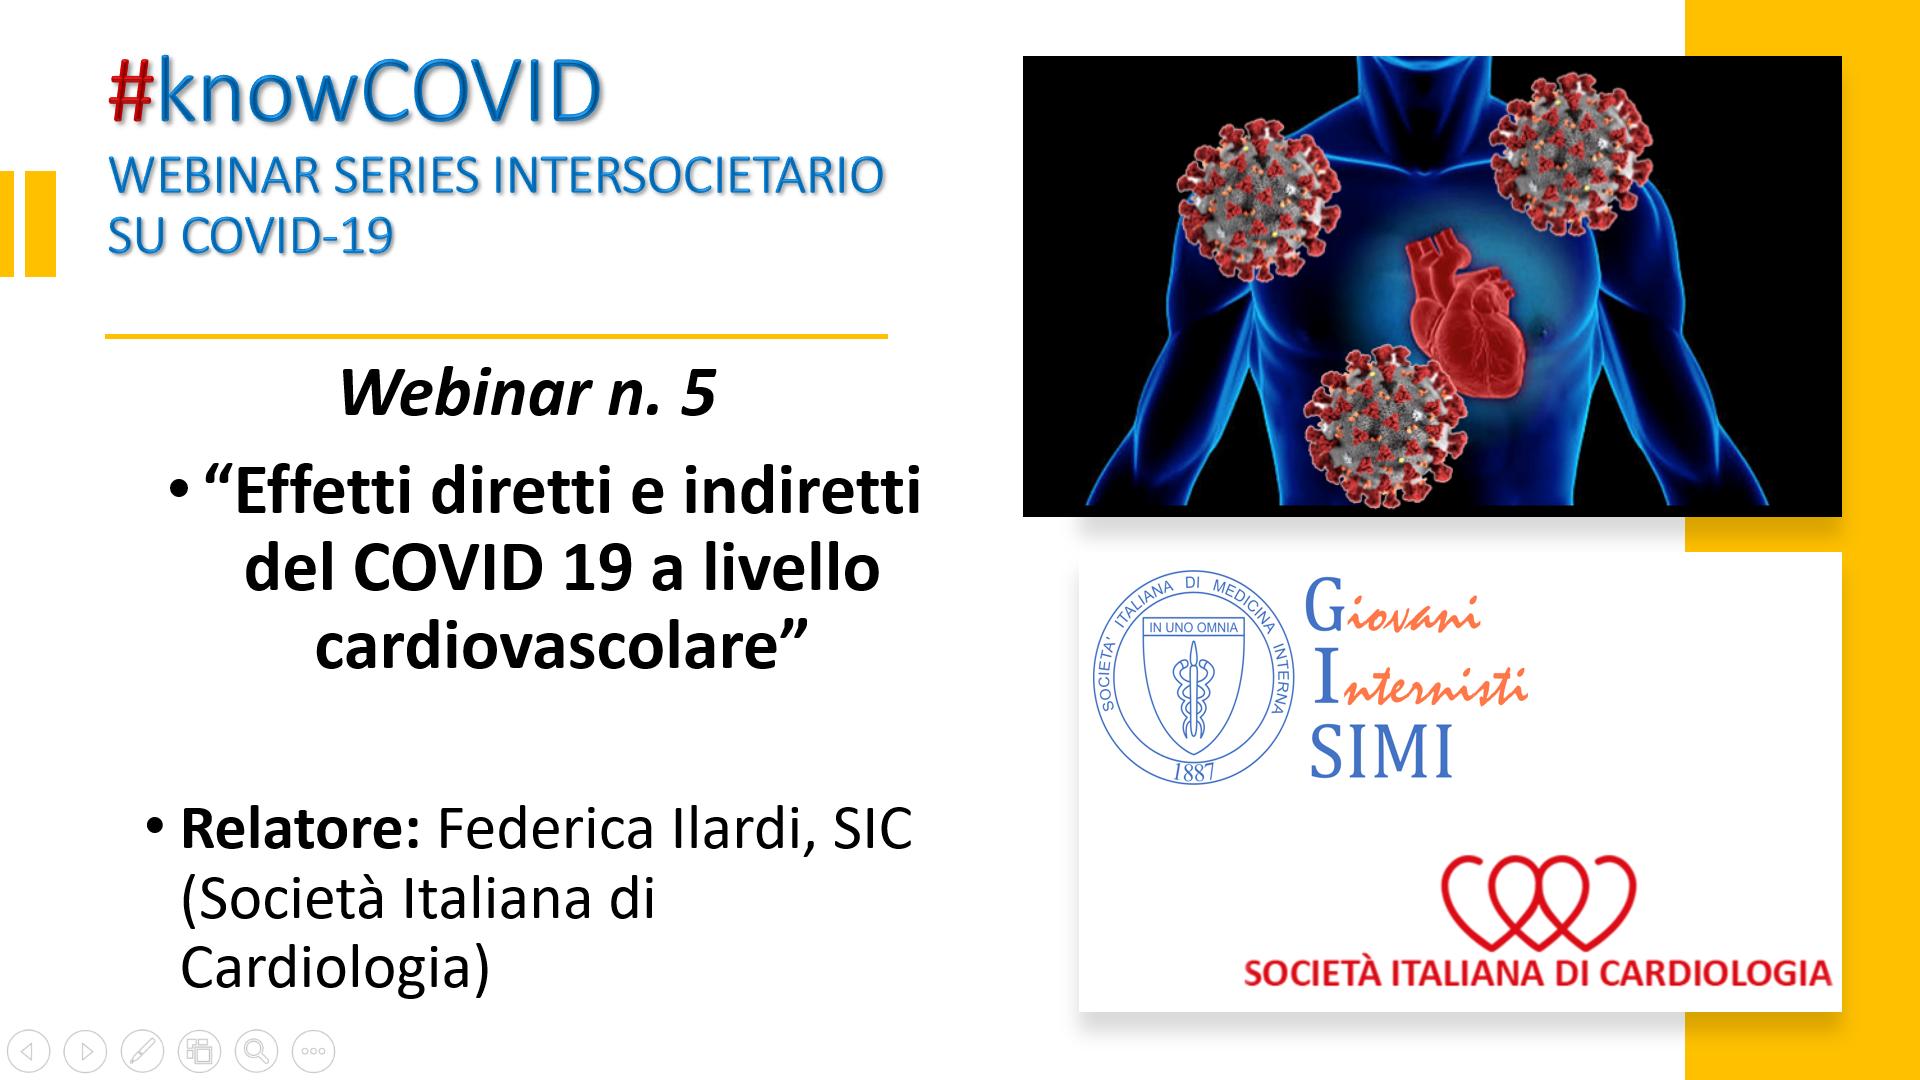 #KnowCovid - Eventi cardiovascolari nel COVID-19